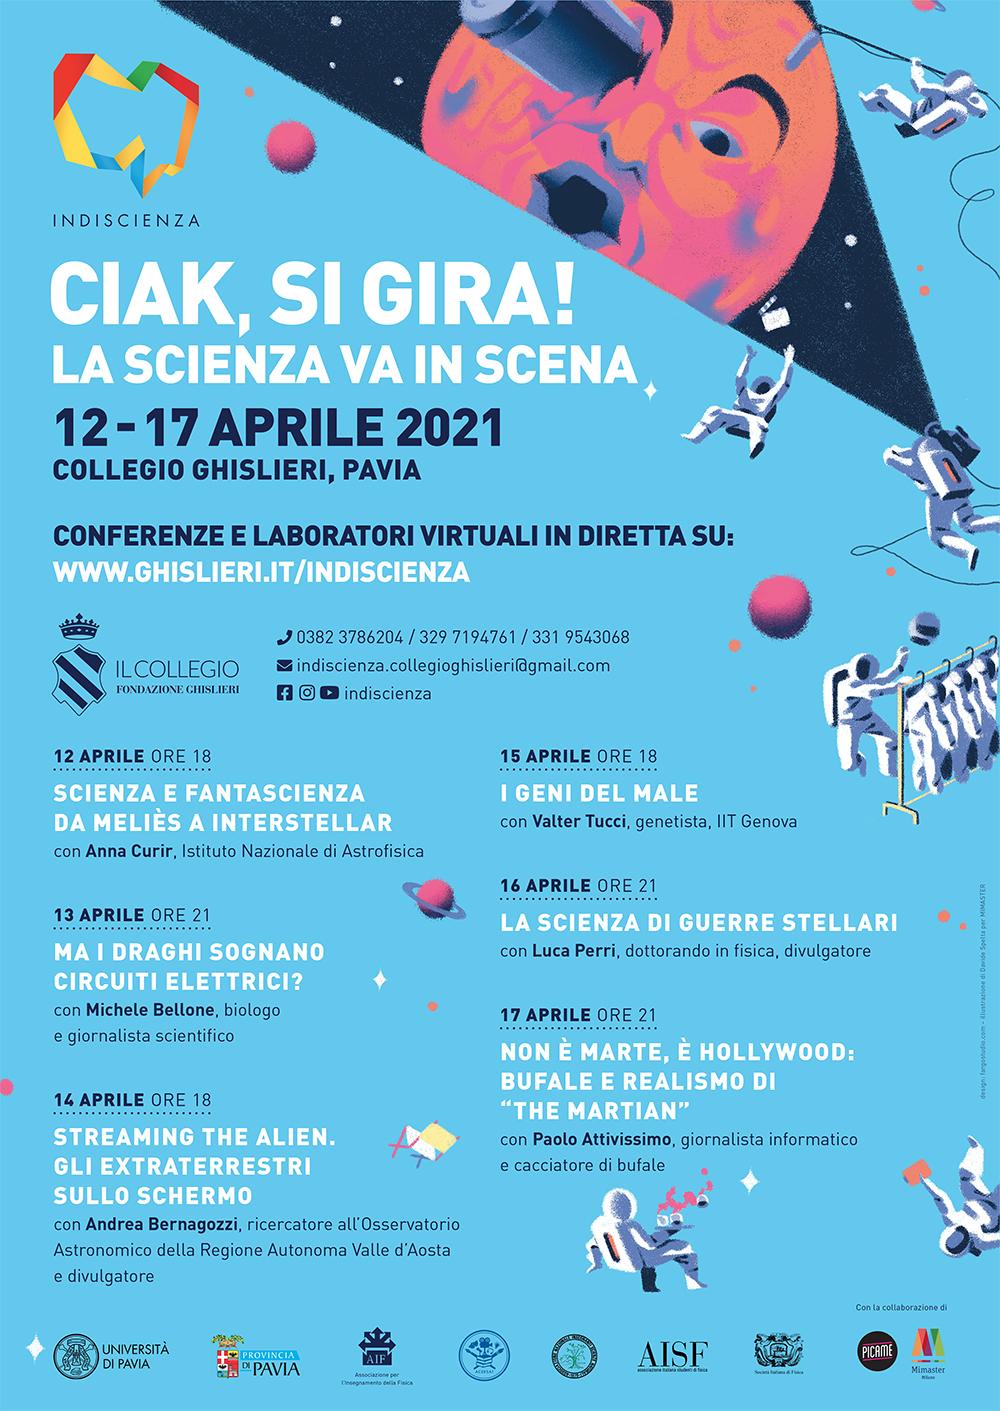 Ciak, il festival della scienza va in scena a Pavia